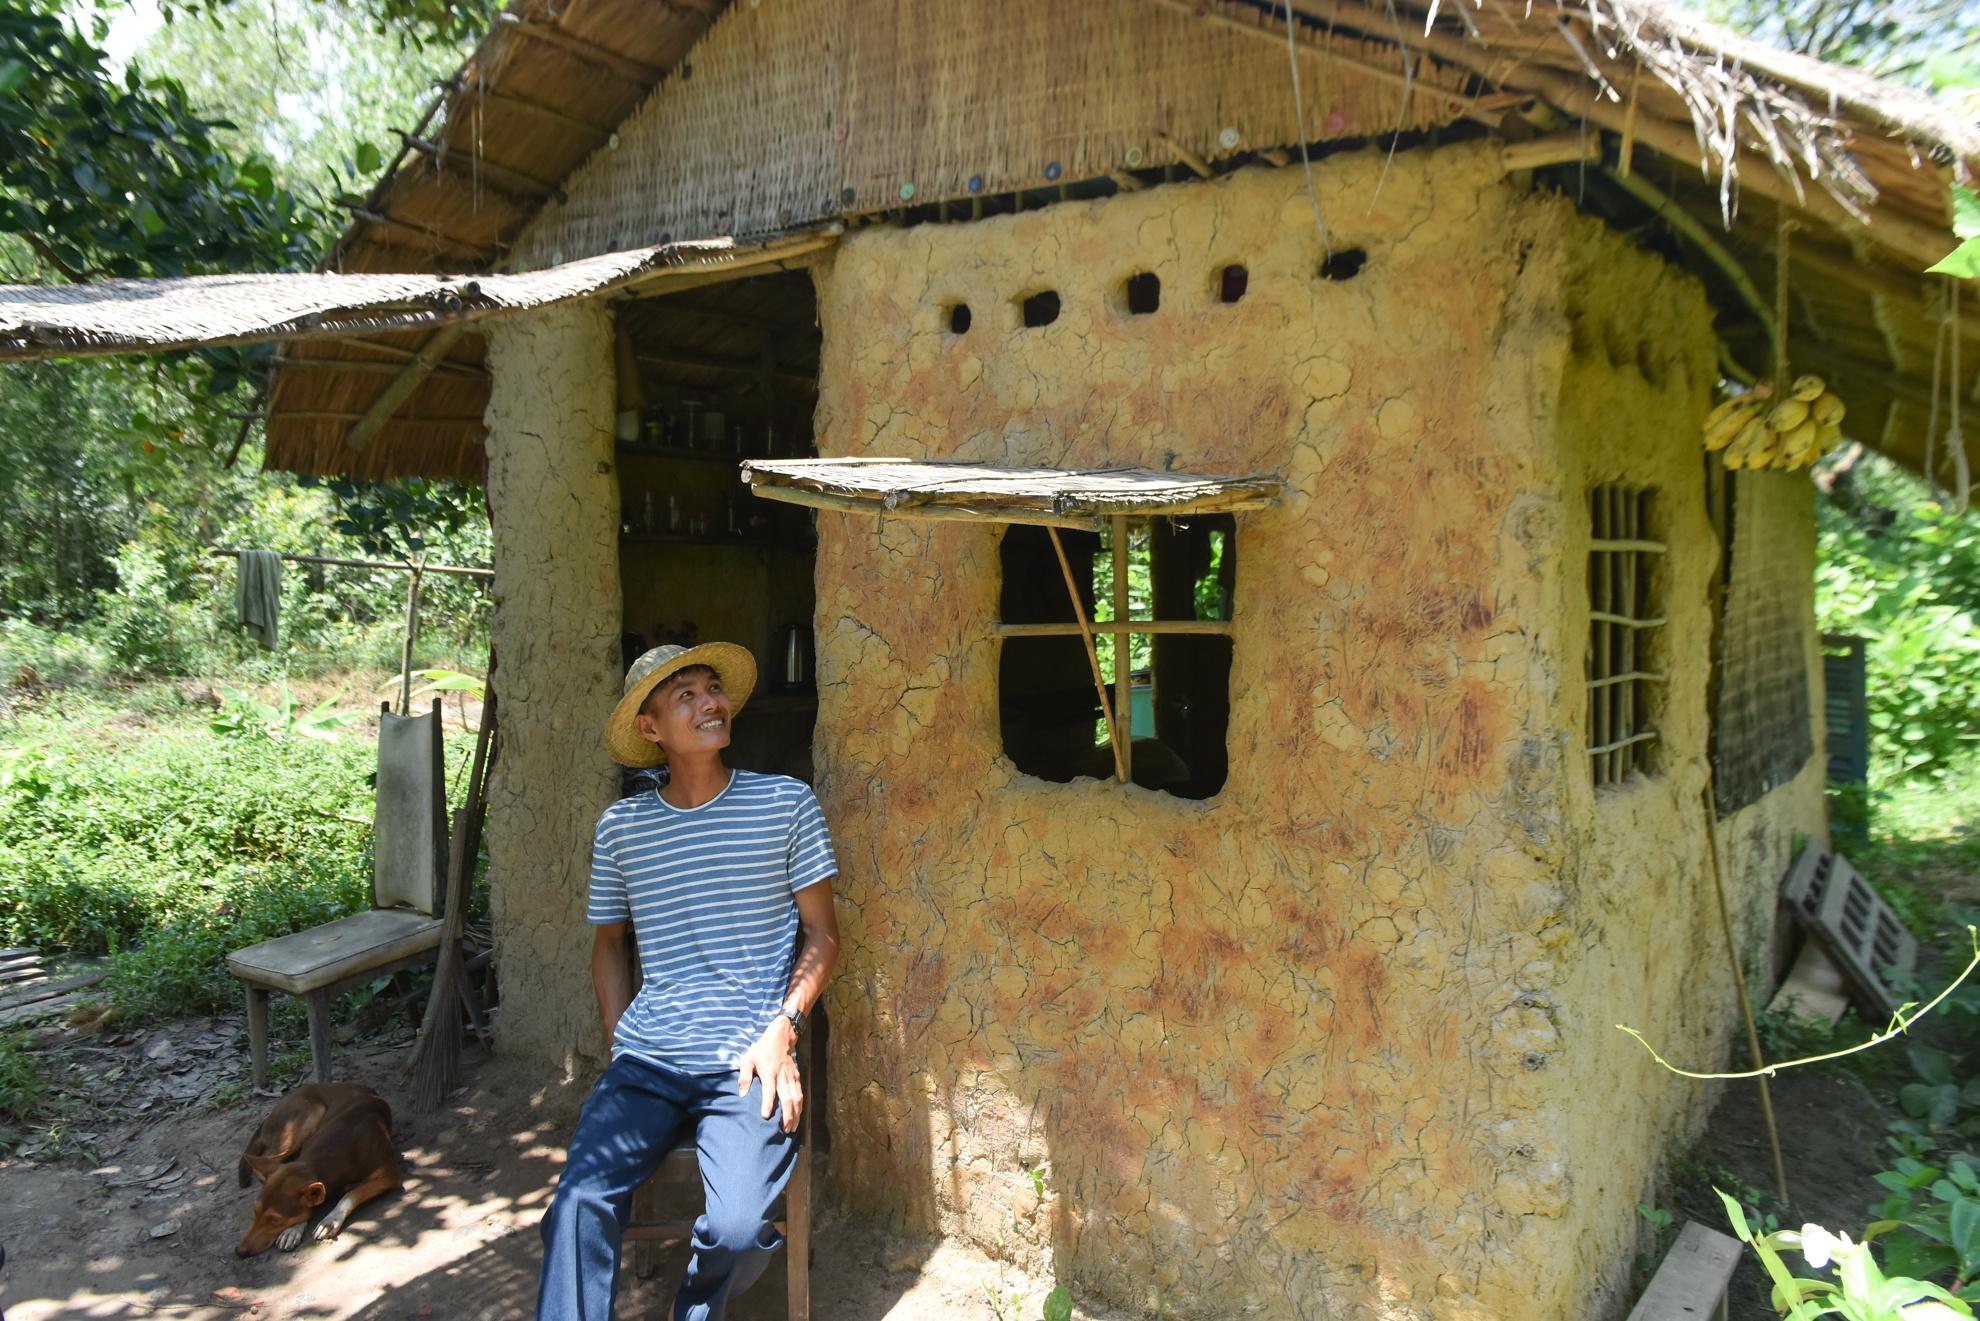 Chang nong dan 'khung' va giac mo ong hut tre hinh anh 25